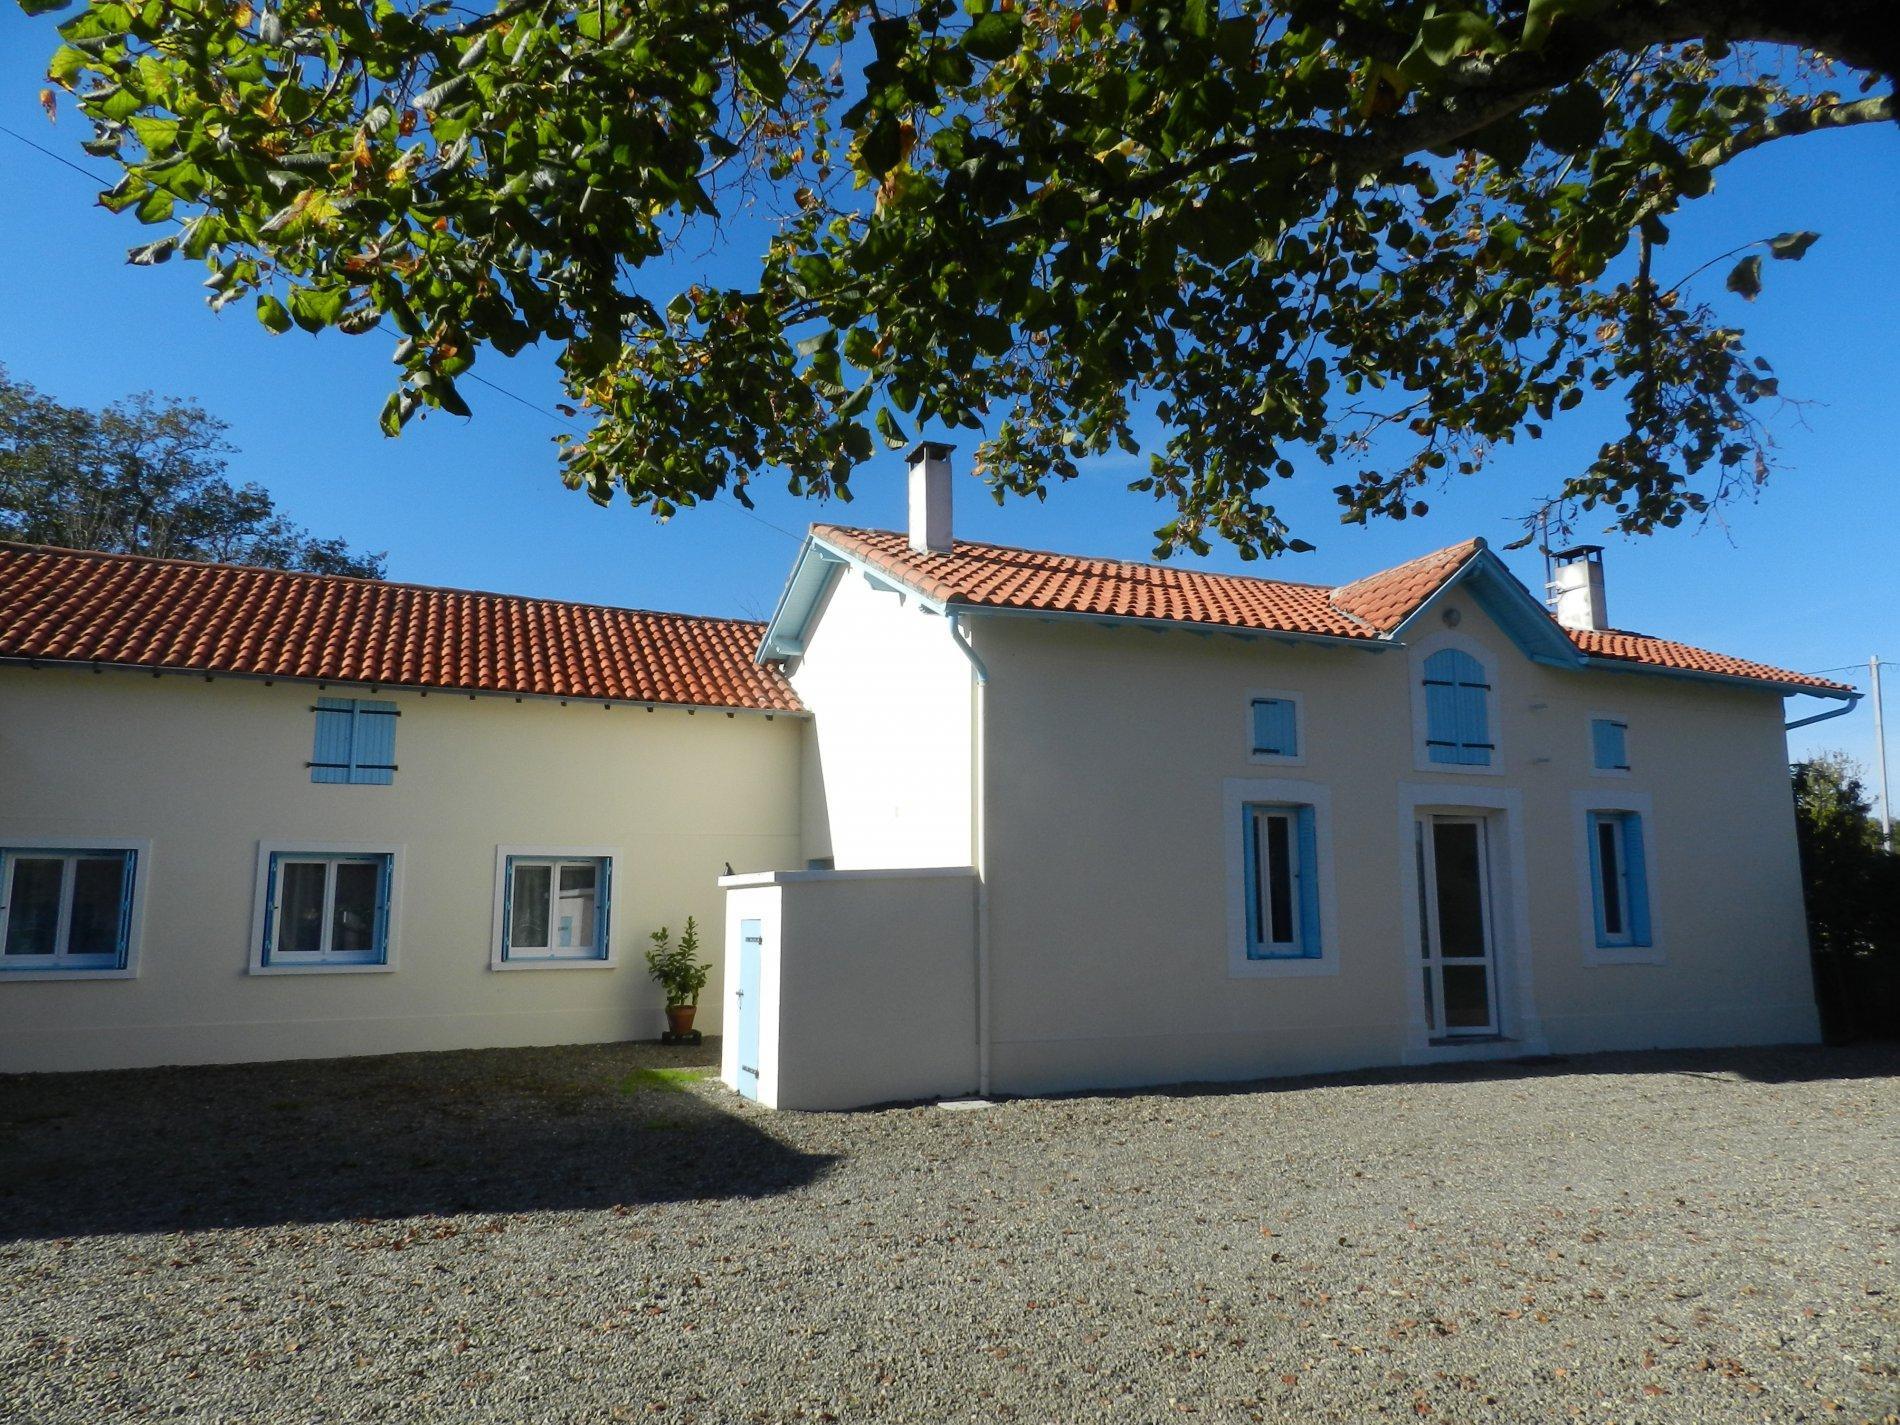 Vente maison/villa 5 pièces riscle 32400